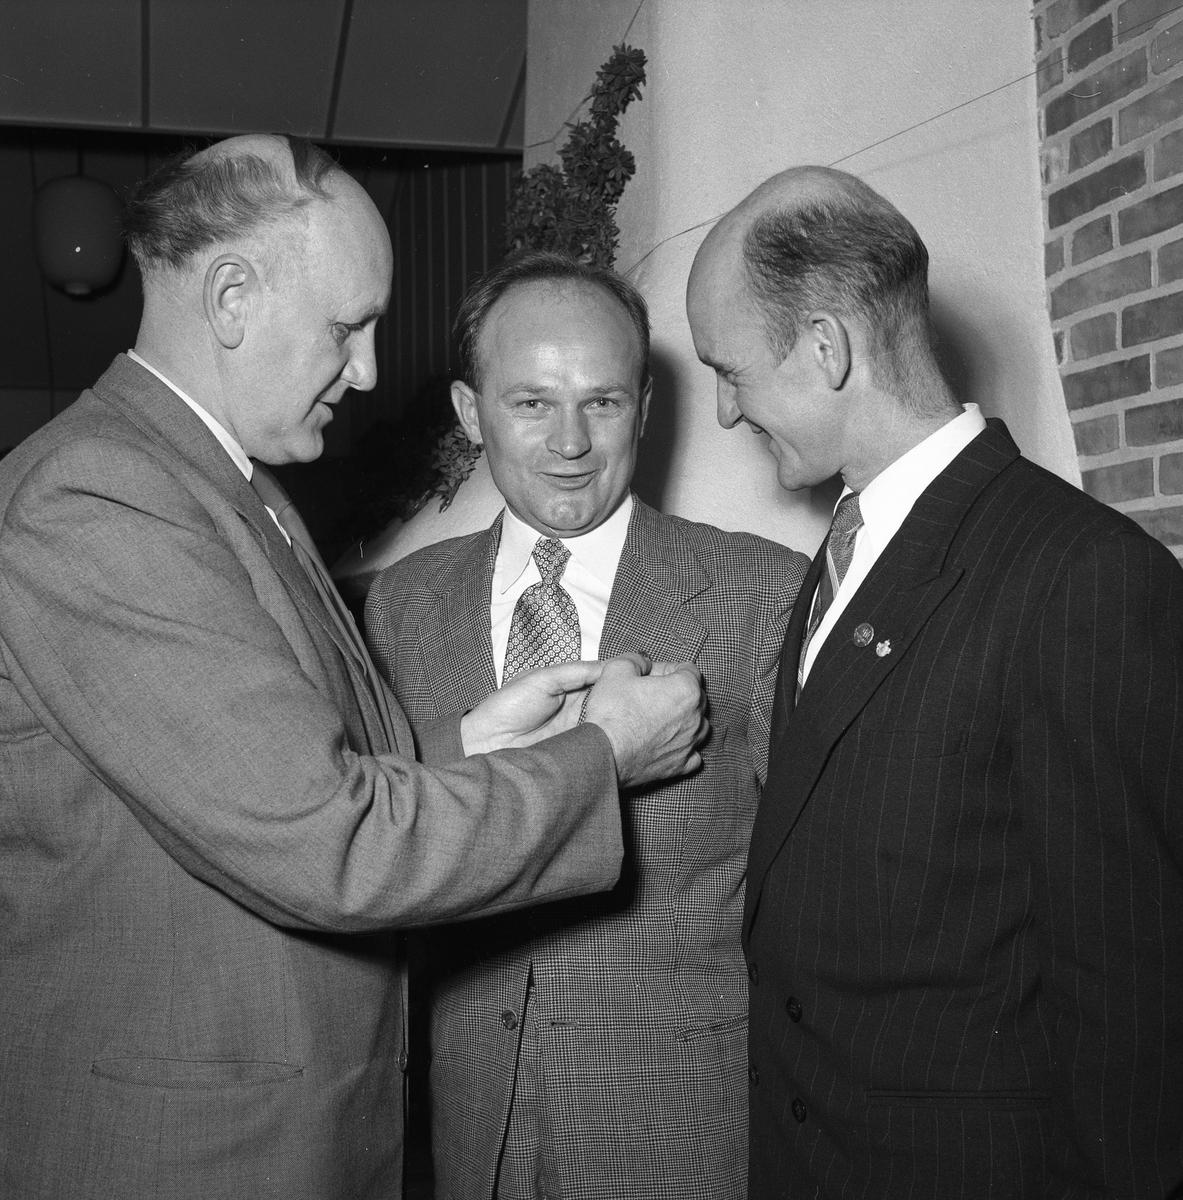 """Gösta Öijerholm får förtjänsttecken utdelat av Harald Larsson (""""Hajan""""). Martil Sköld, till höger, är också belönad. Jäders bruks IF"""